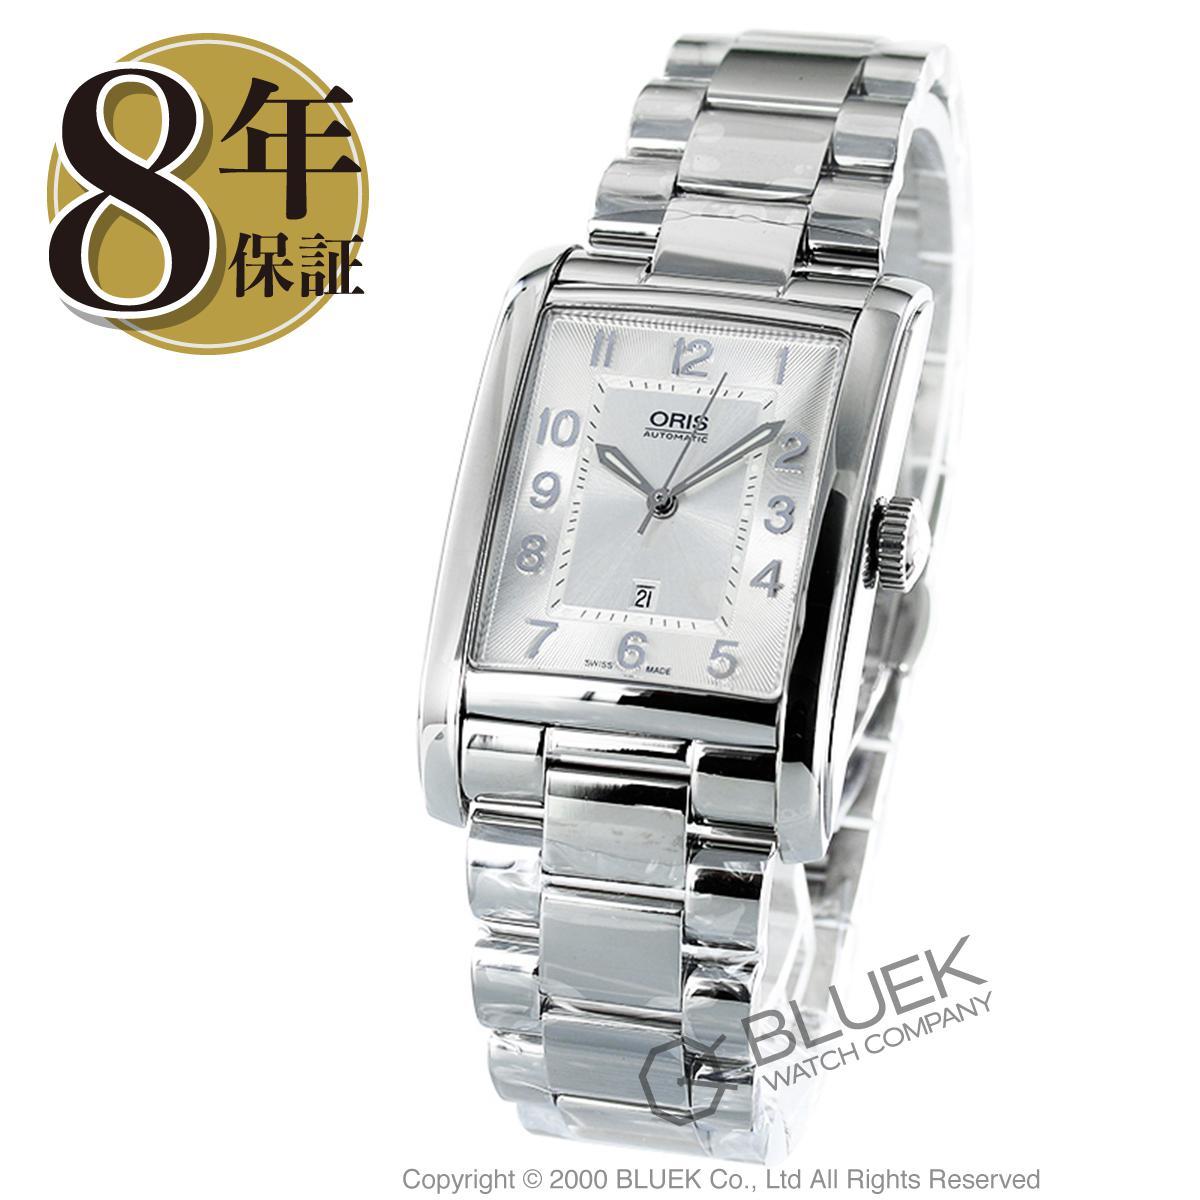 オリス レクタンギュラー デイト 腕時計 メンズ ORIS 561 7693 4061M_8